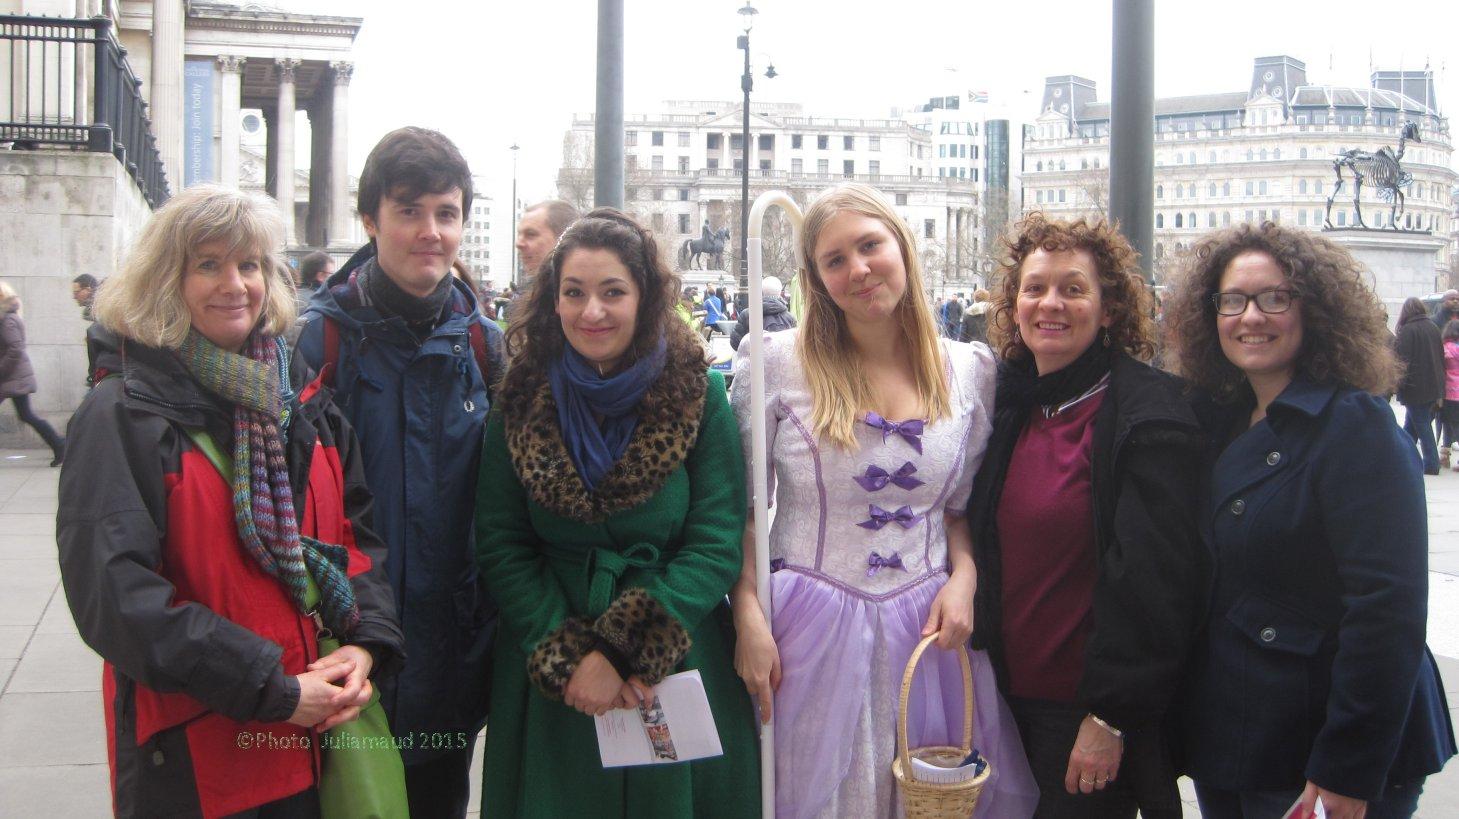 Easter Treasure Hunters in Trafalgar Square.copyright Juliamaud